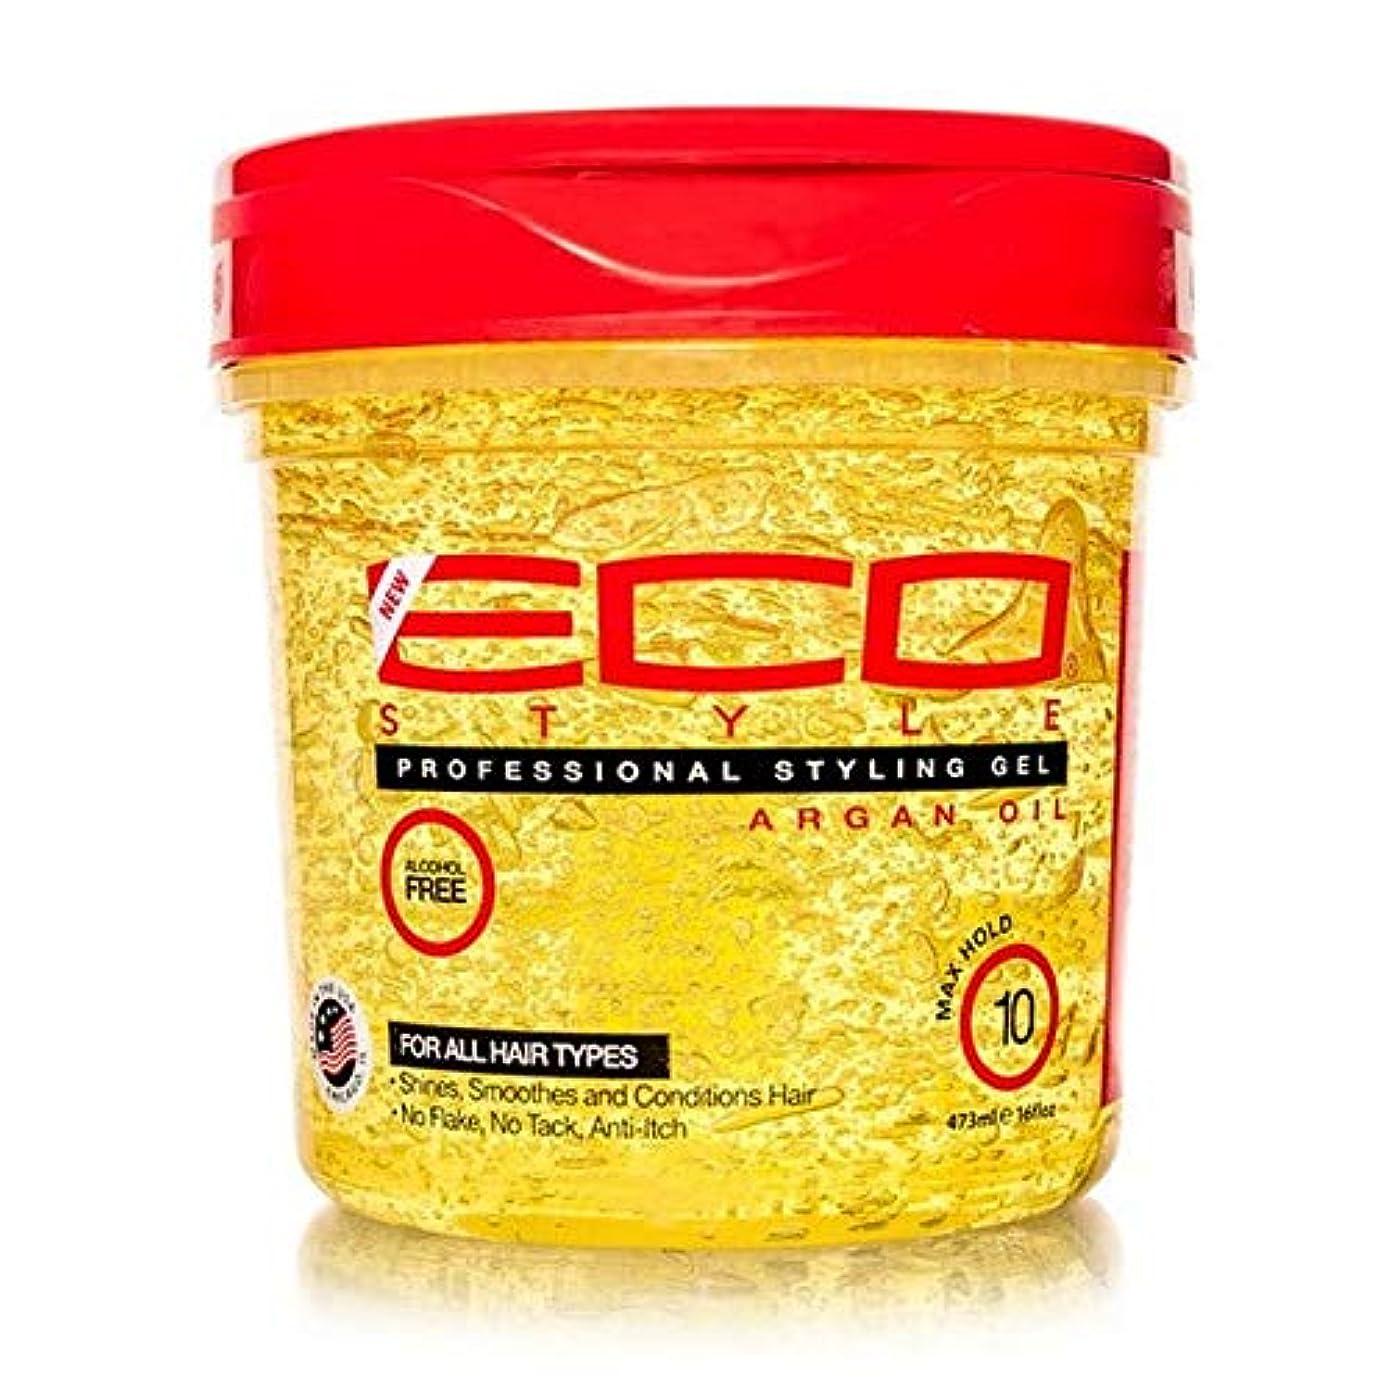 失礼なデジタルロードされた[ECO STYLER ] エコスタイラモロッコアルガン油スタイリングゲル473ミリリットル - ECO Styler Moroccan Argan Oil Styling Gel 473ml [並行輸入品]